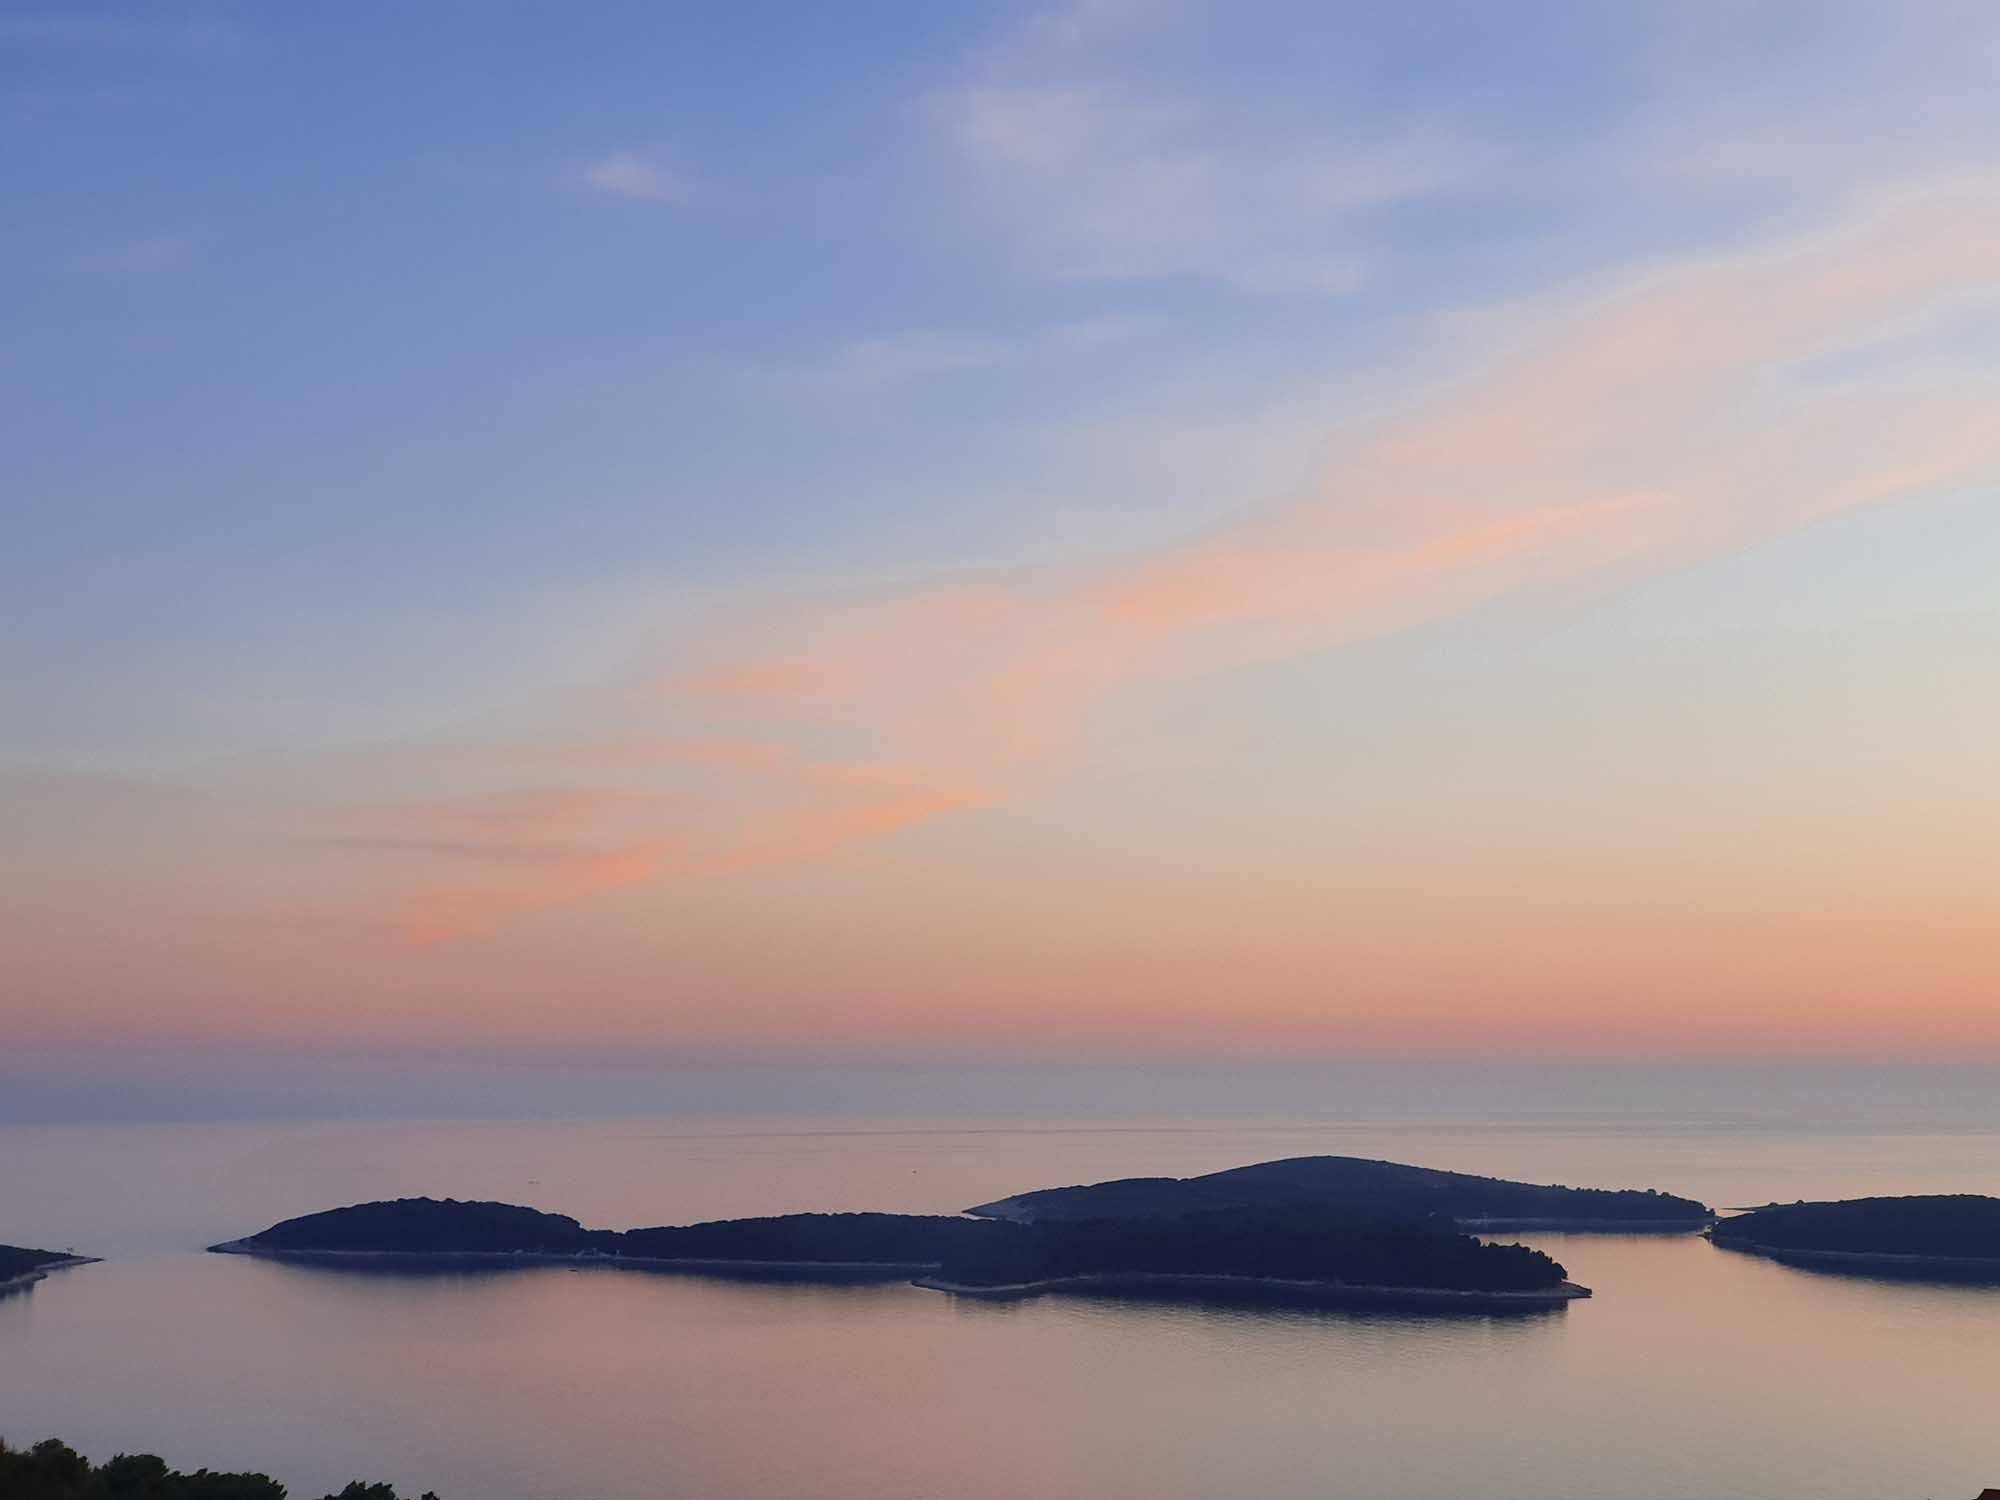 Posjetite novu internetsku stranicu posvećenu Paklenim otocima i uključite se u mapiranje rijetkih i zaštićenih vrsta